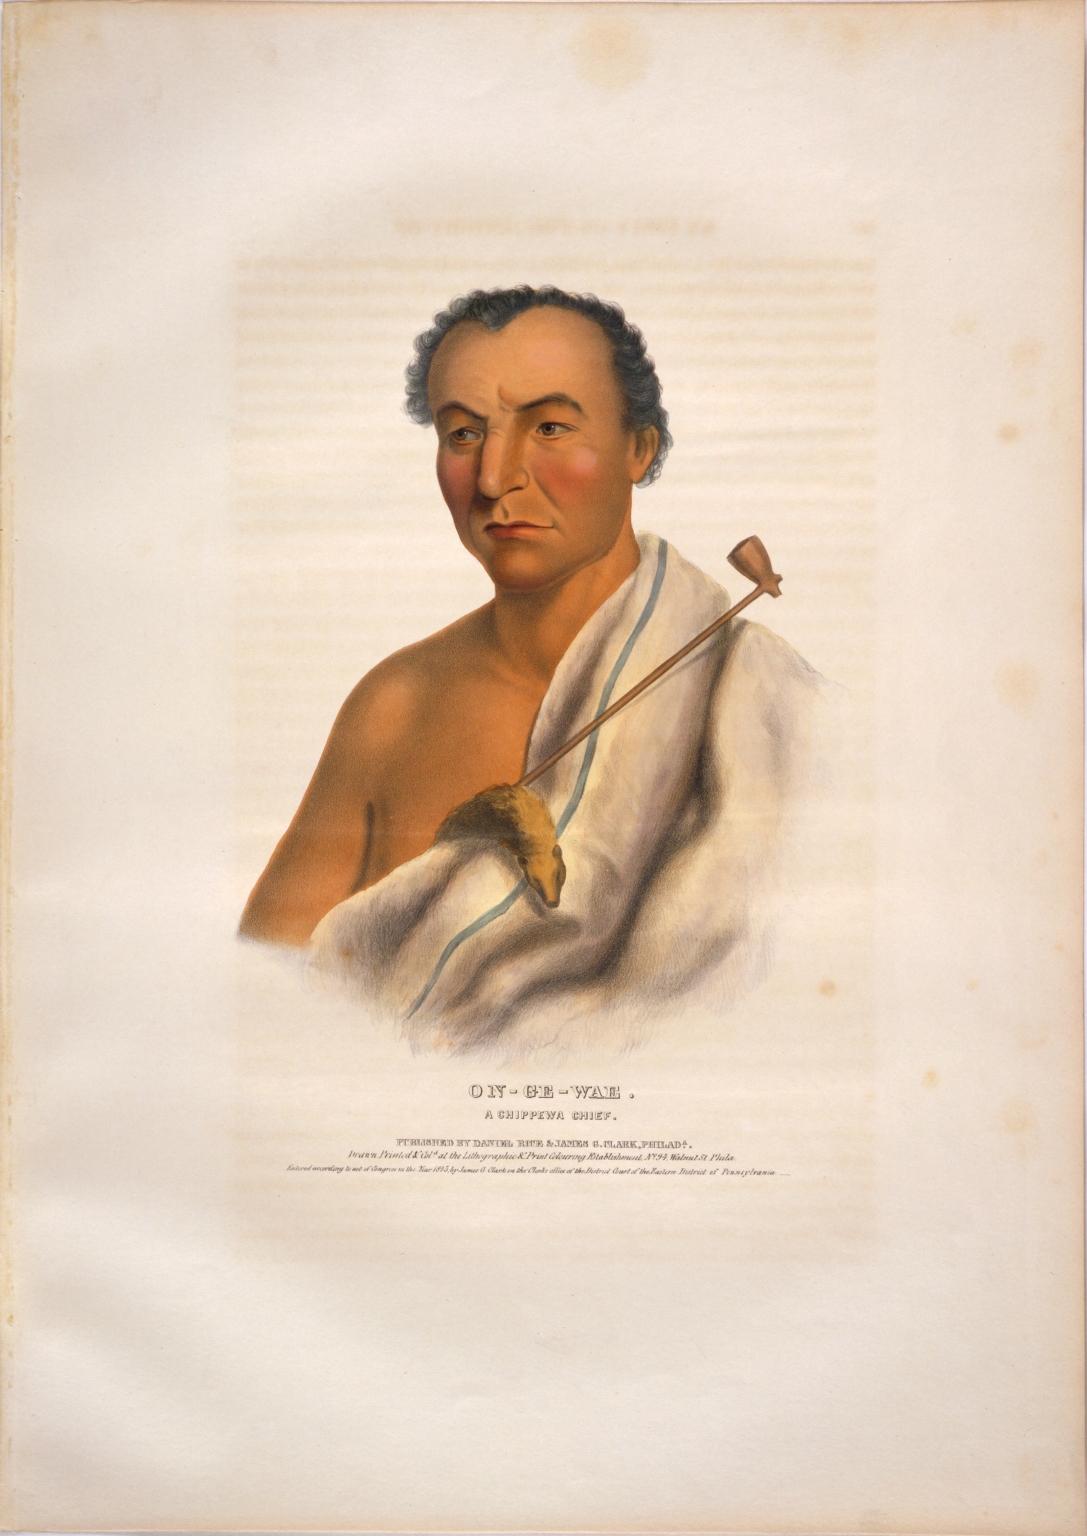 On-ge-wae, a Chippewa chief